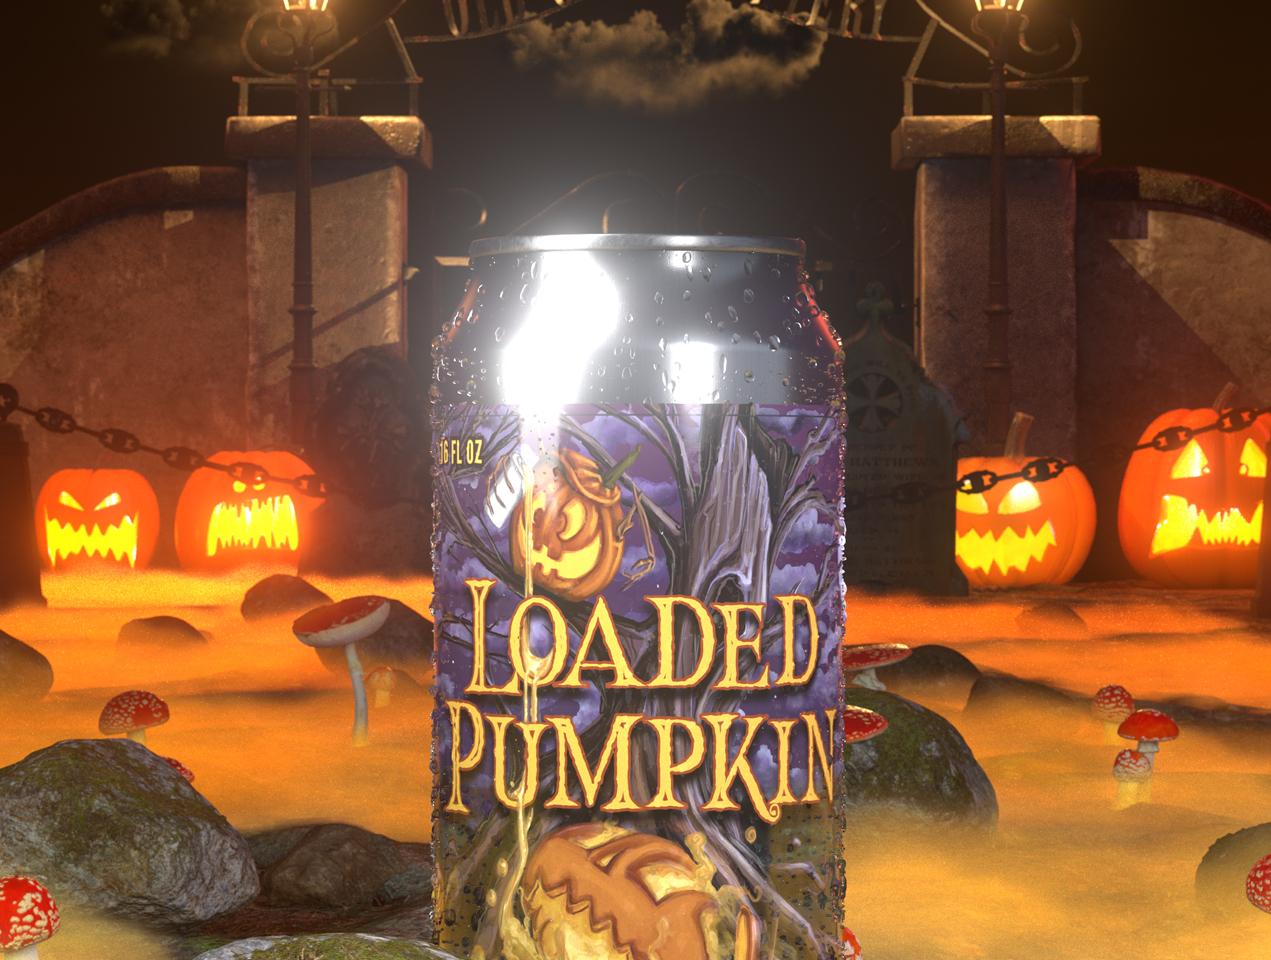 Nobo loaded pumpkin raw